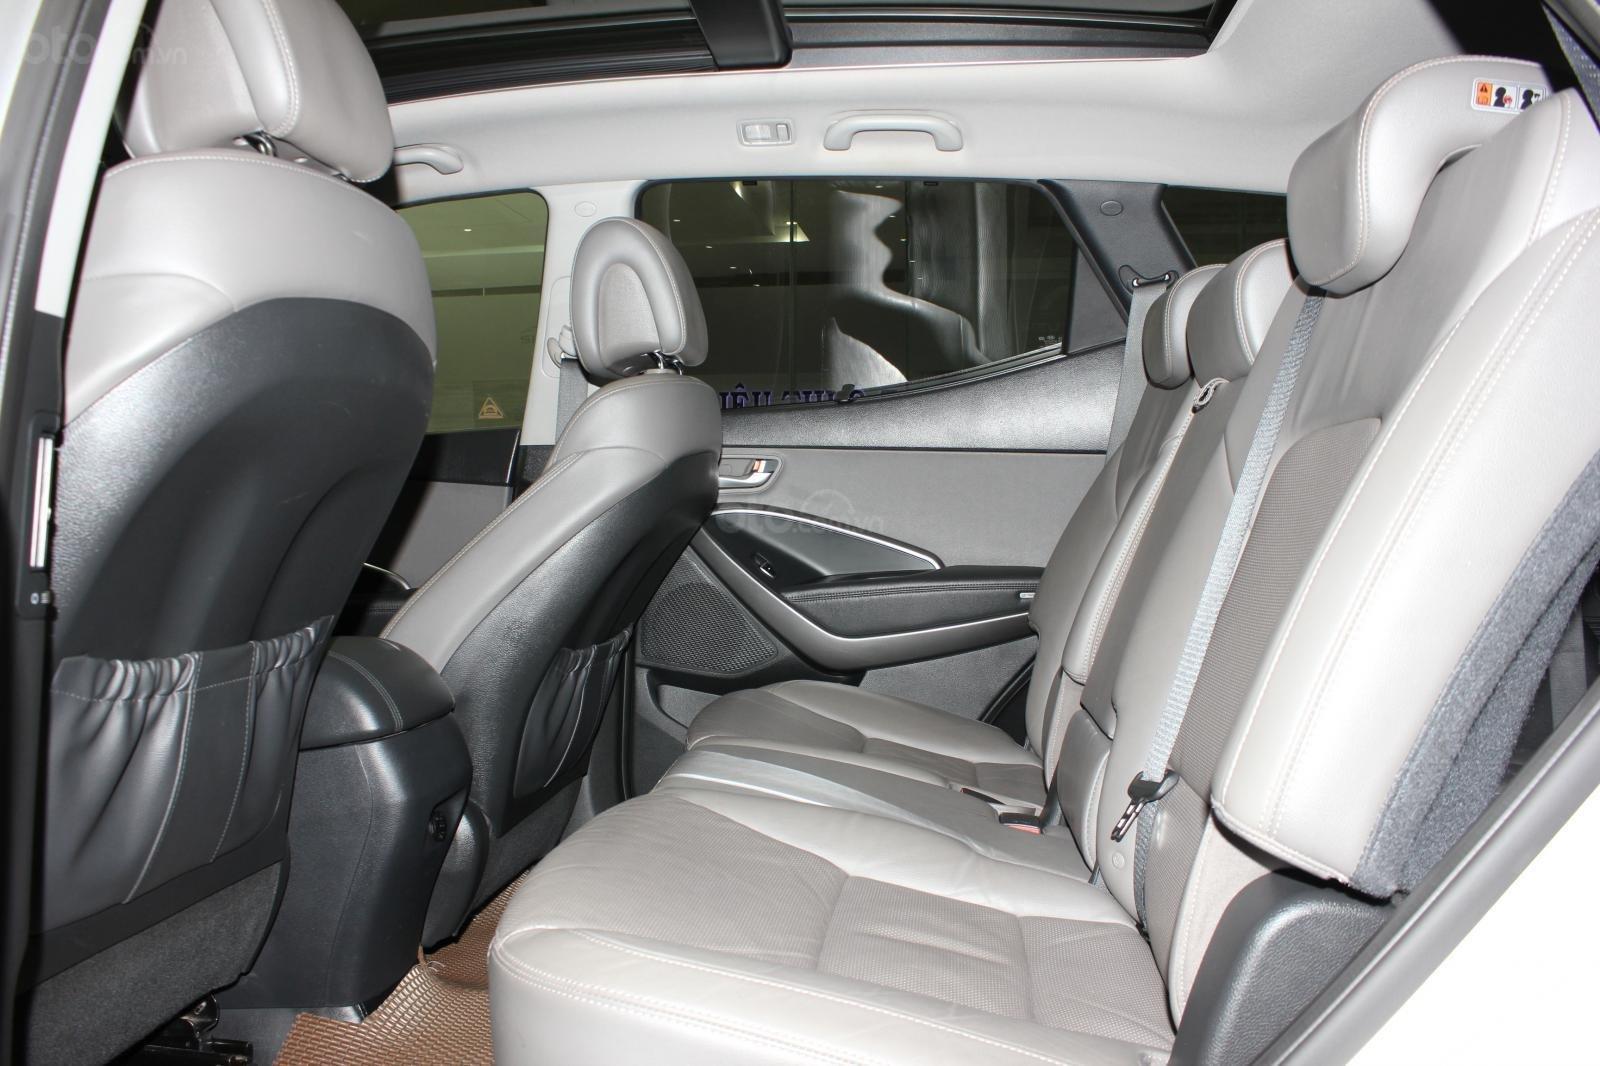 Bán xe Hyundai Santa Fe 2.2 4WD năm sản xuất 2017, màu bạc (11)